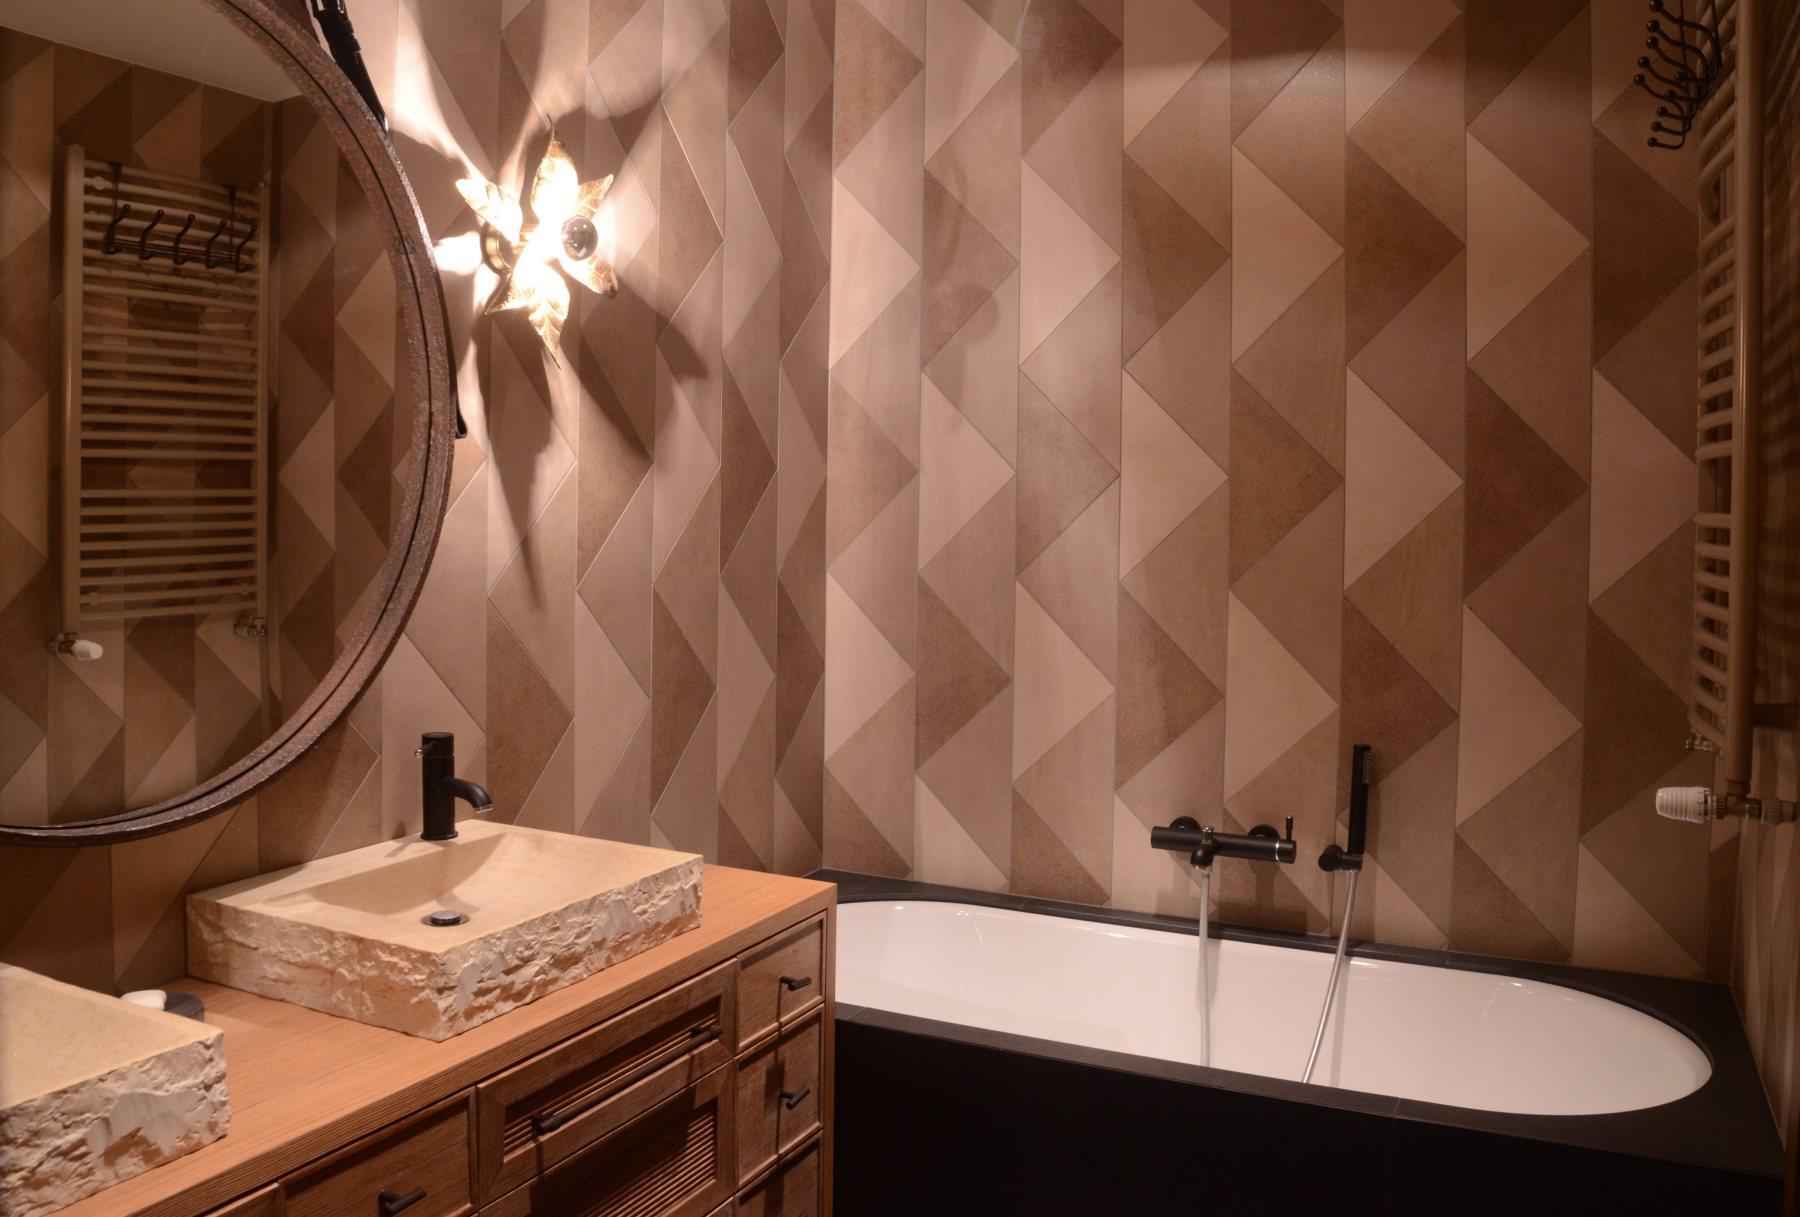 Łazienka w stylu vintage, w kolorach ziemii